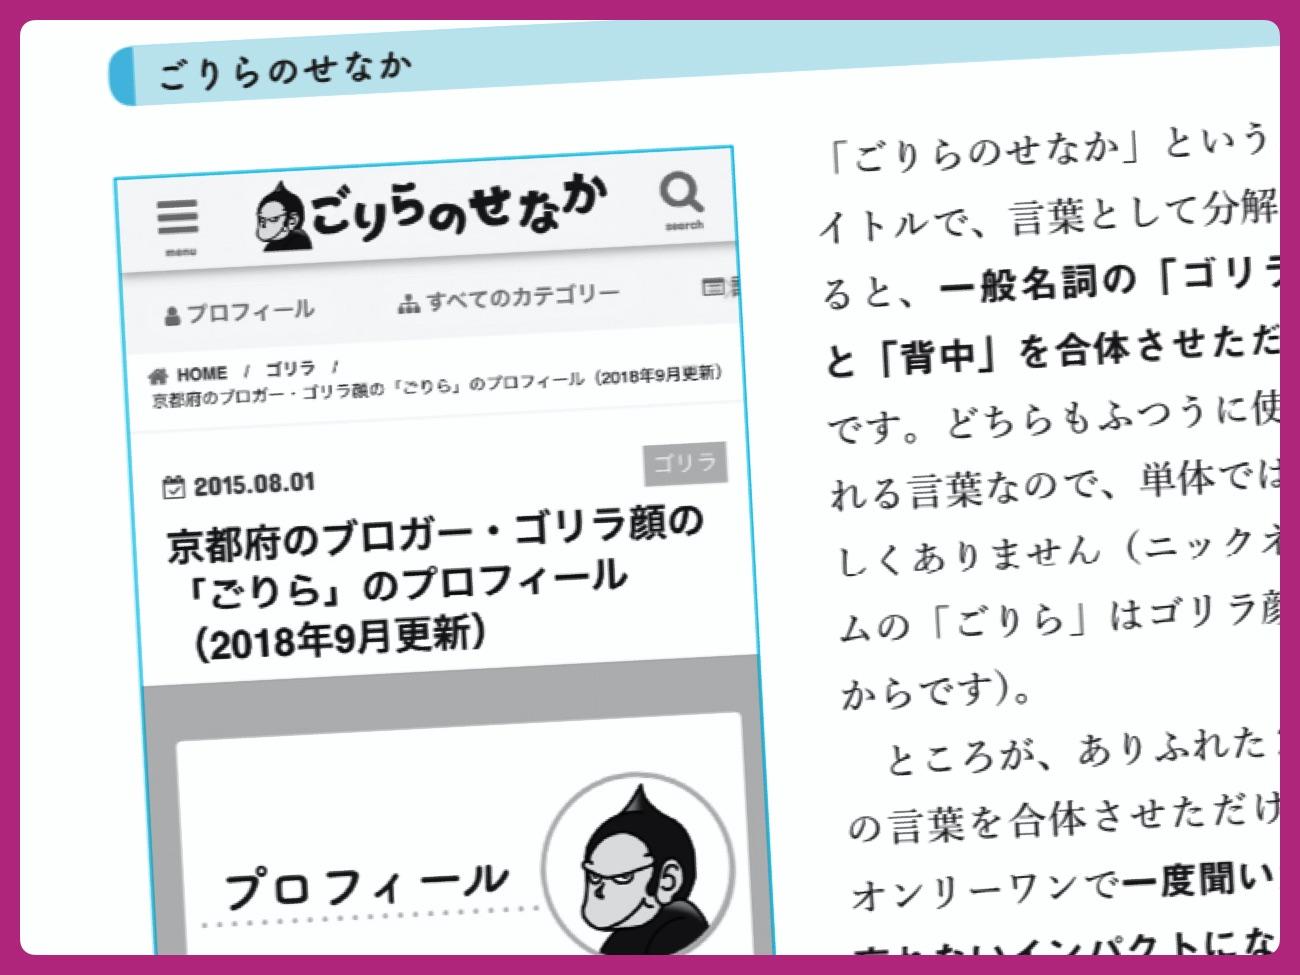 「魅力的なブログのタイトル」の例として掲載された!